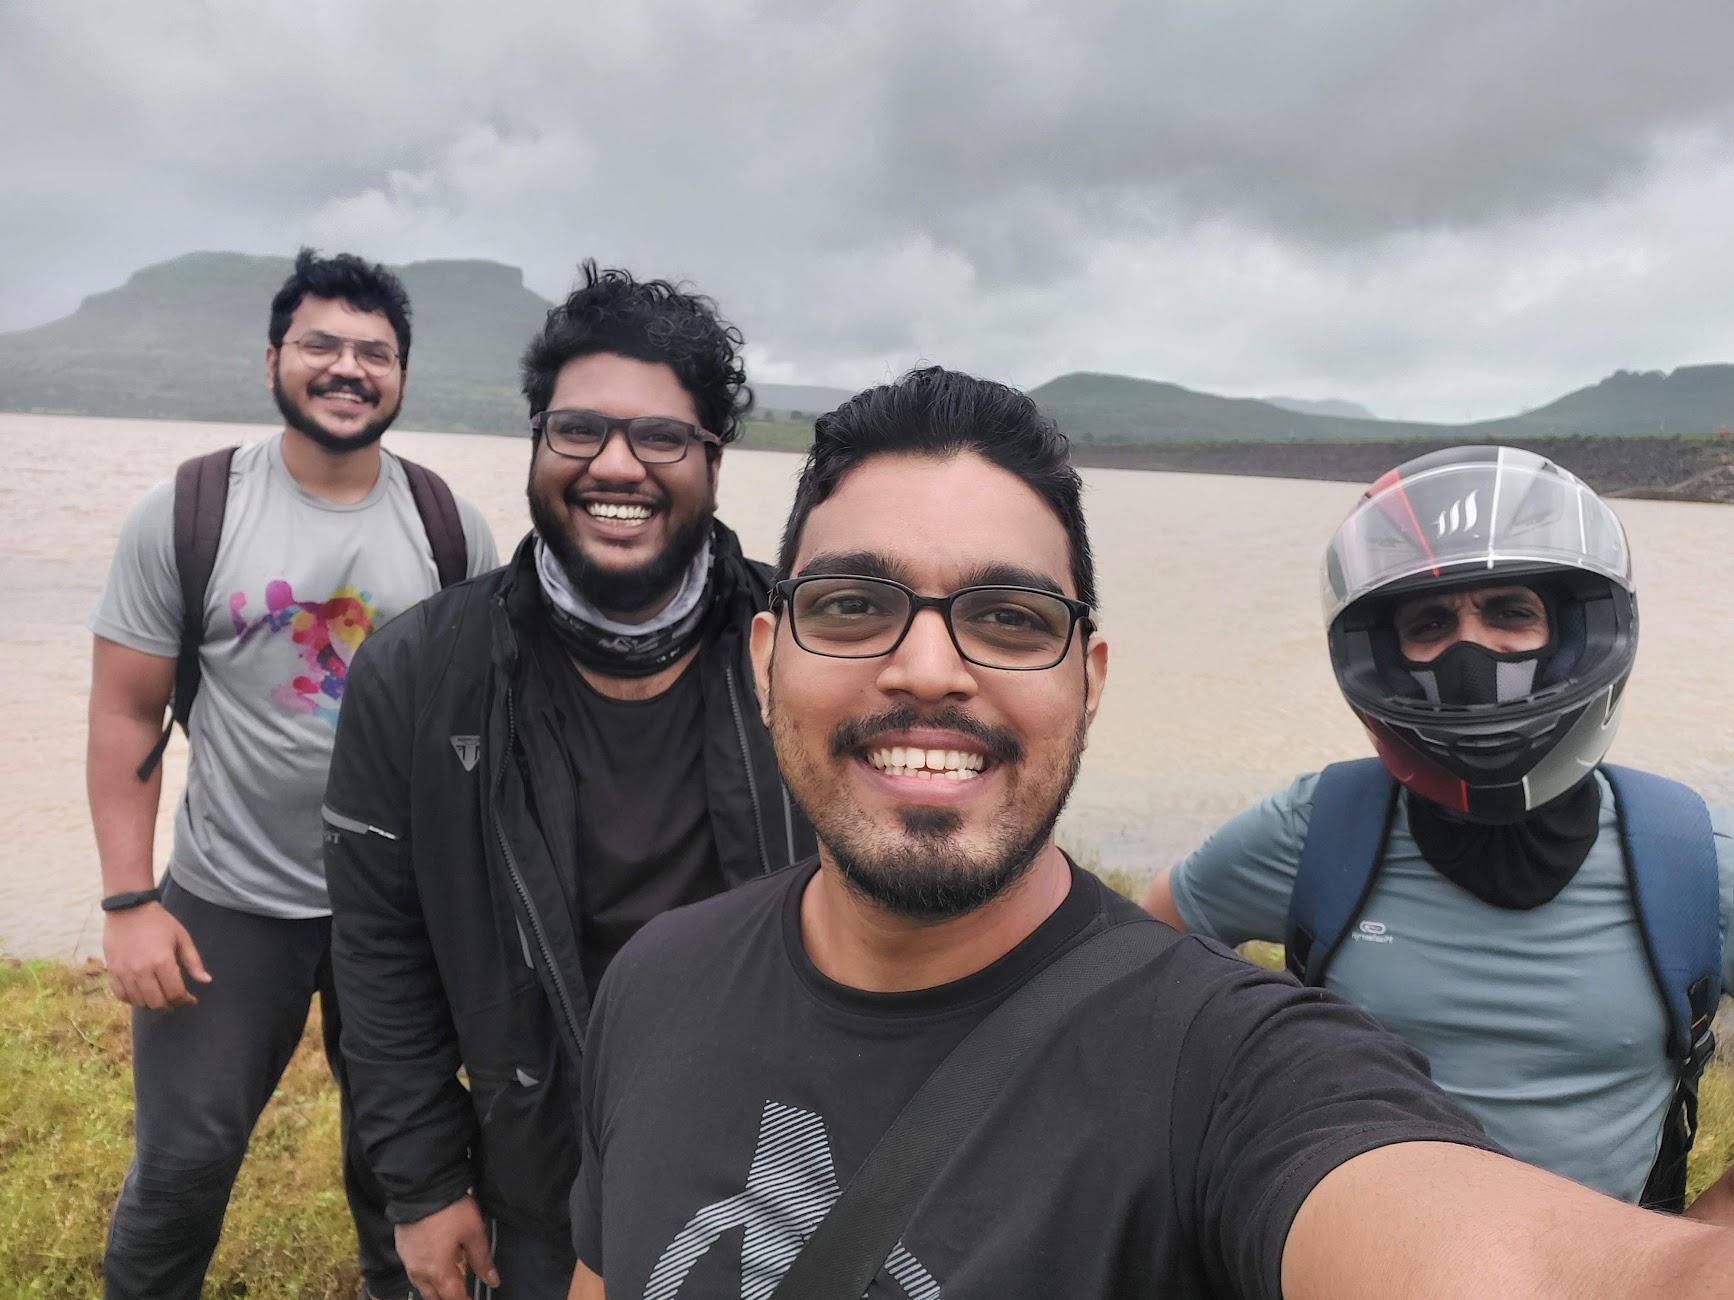 at Waki dam